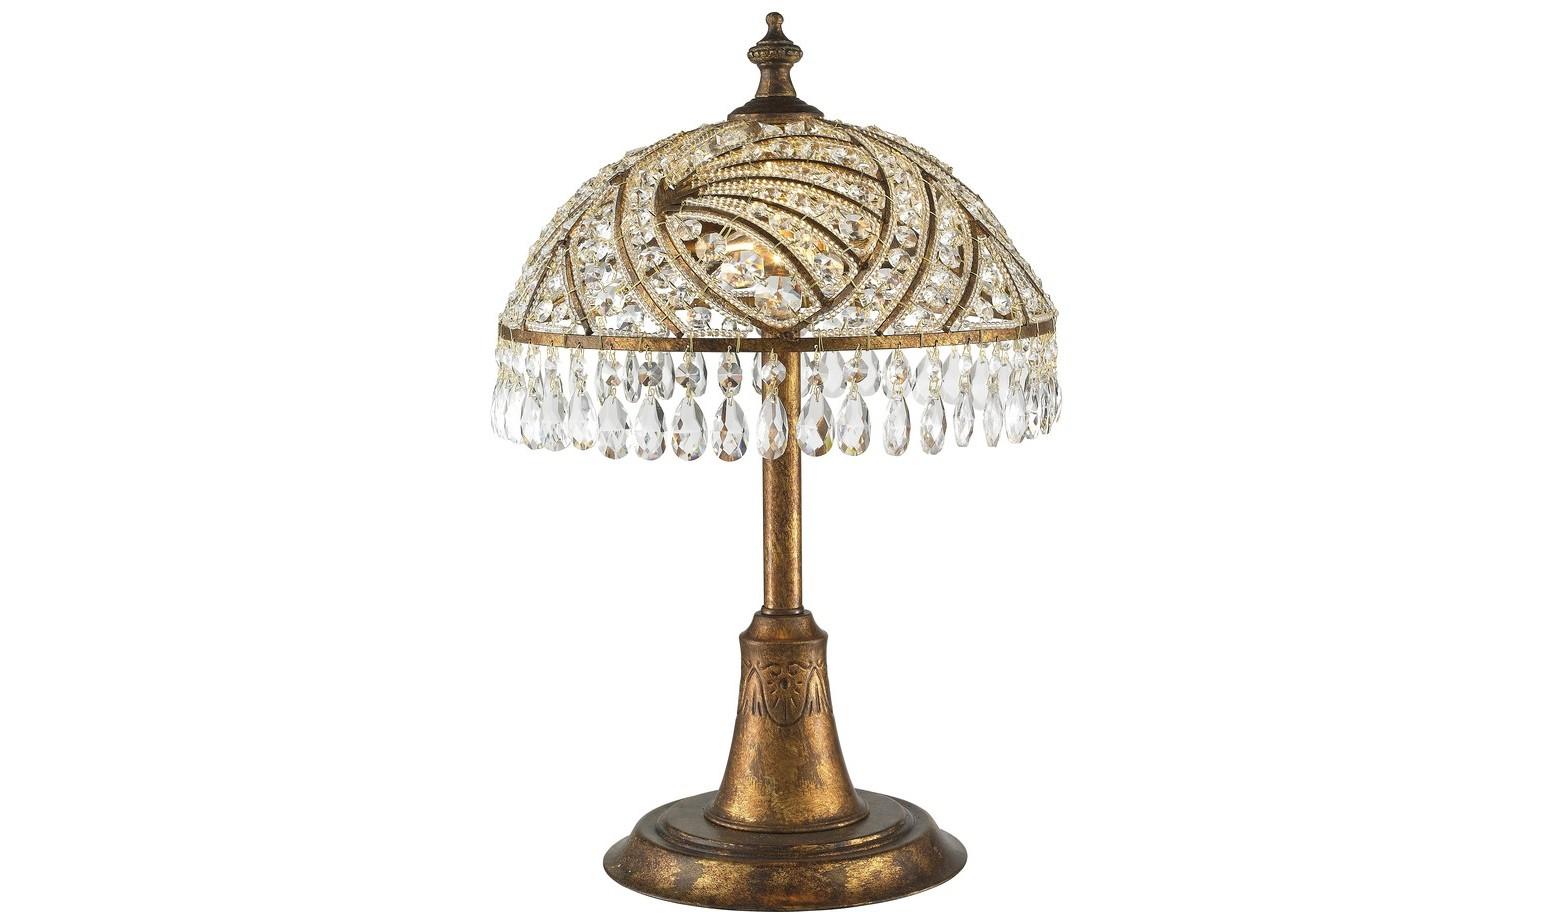 Настольная лампаДекоративные лампы<br>Материал: металл+хрусталь K9&amp;lt;div&amp;gt;Лампочки: 2*40W&amp;lt;/div&amp;gt;&amp;lt;div&amp;gt;Цоколь: E14&amp;lt;/div&amp;gt;&amp;lt;div&amp;gt;Цвет: испанская бронза&amp;lt;/div&amp;gt;<br><br>Material: Металл<br>Height см: 56<br>Diameter см: 35